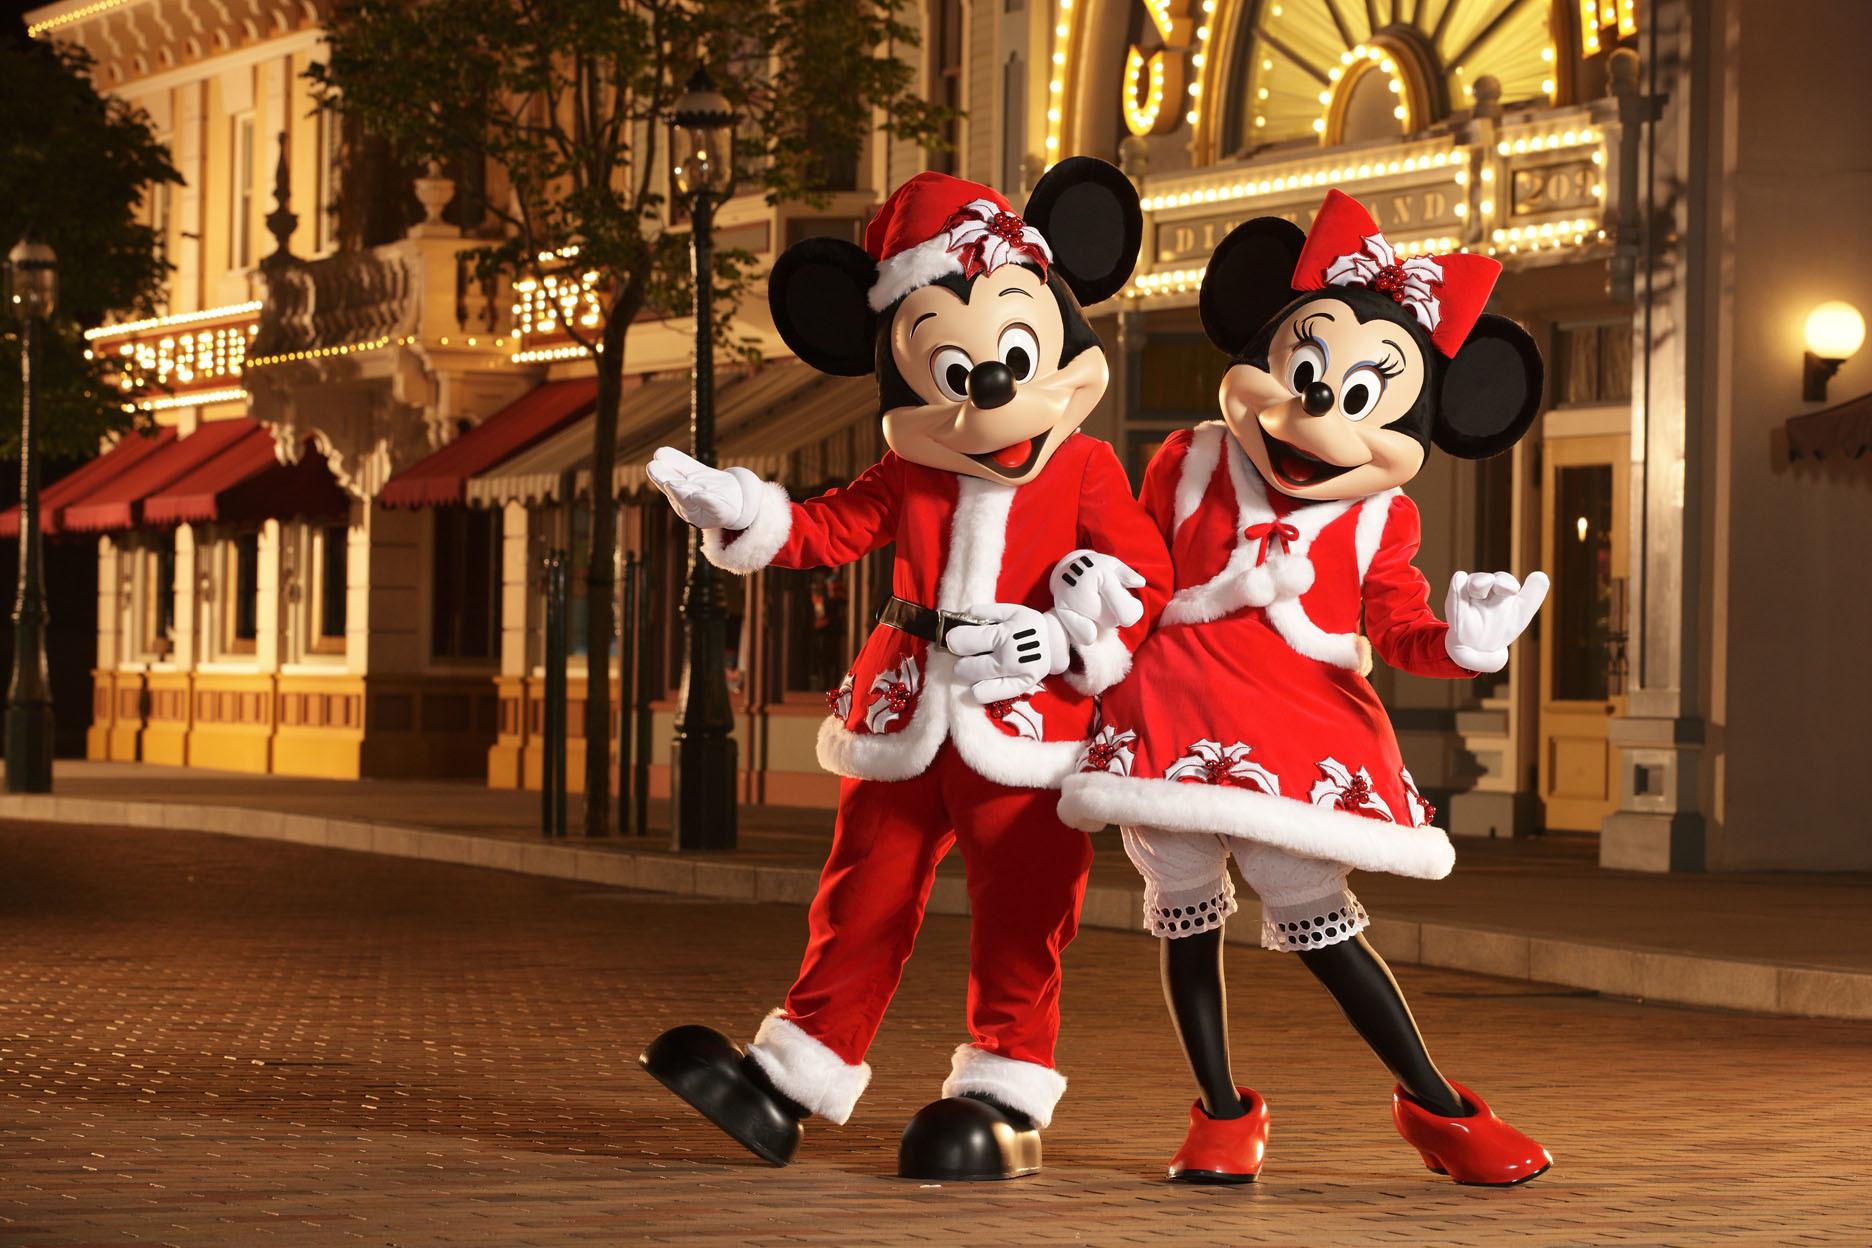 Disney's Sparkling Christmas